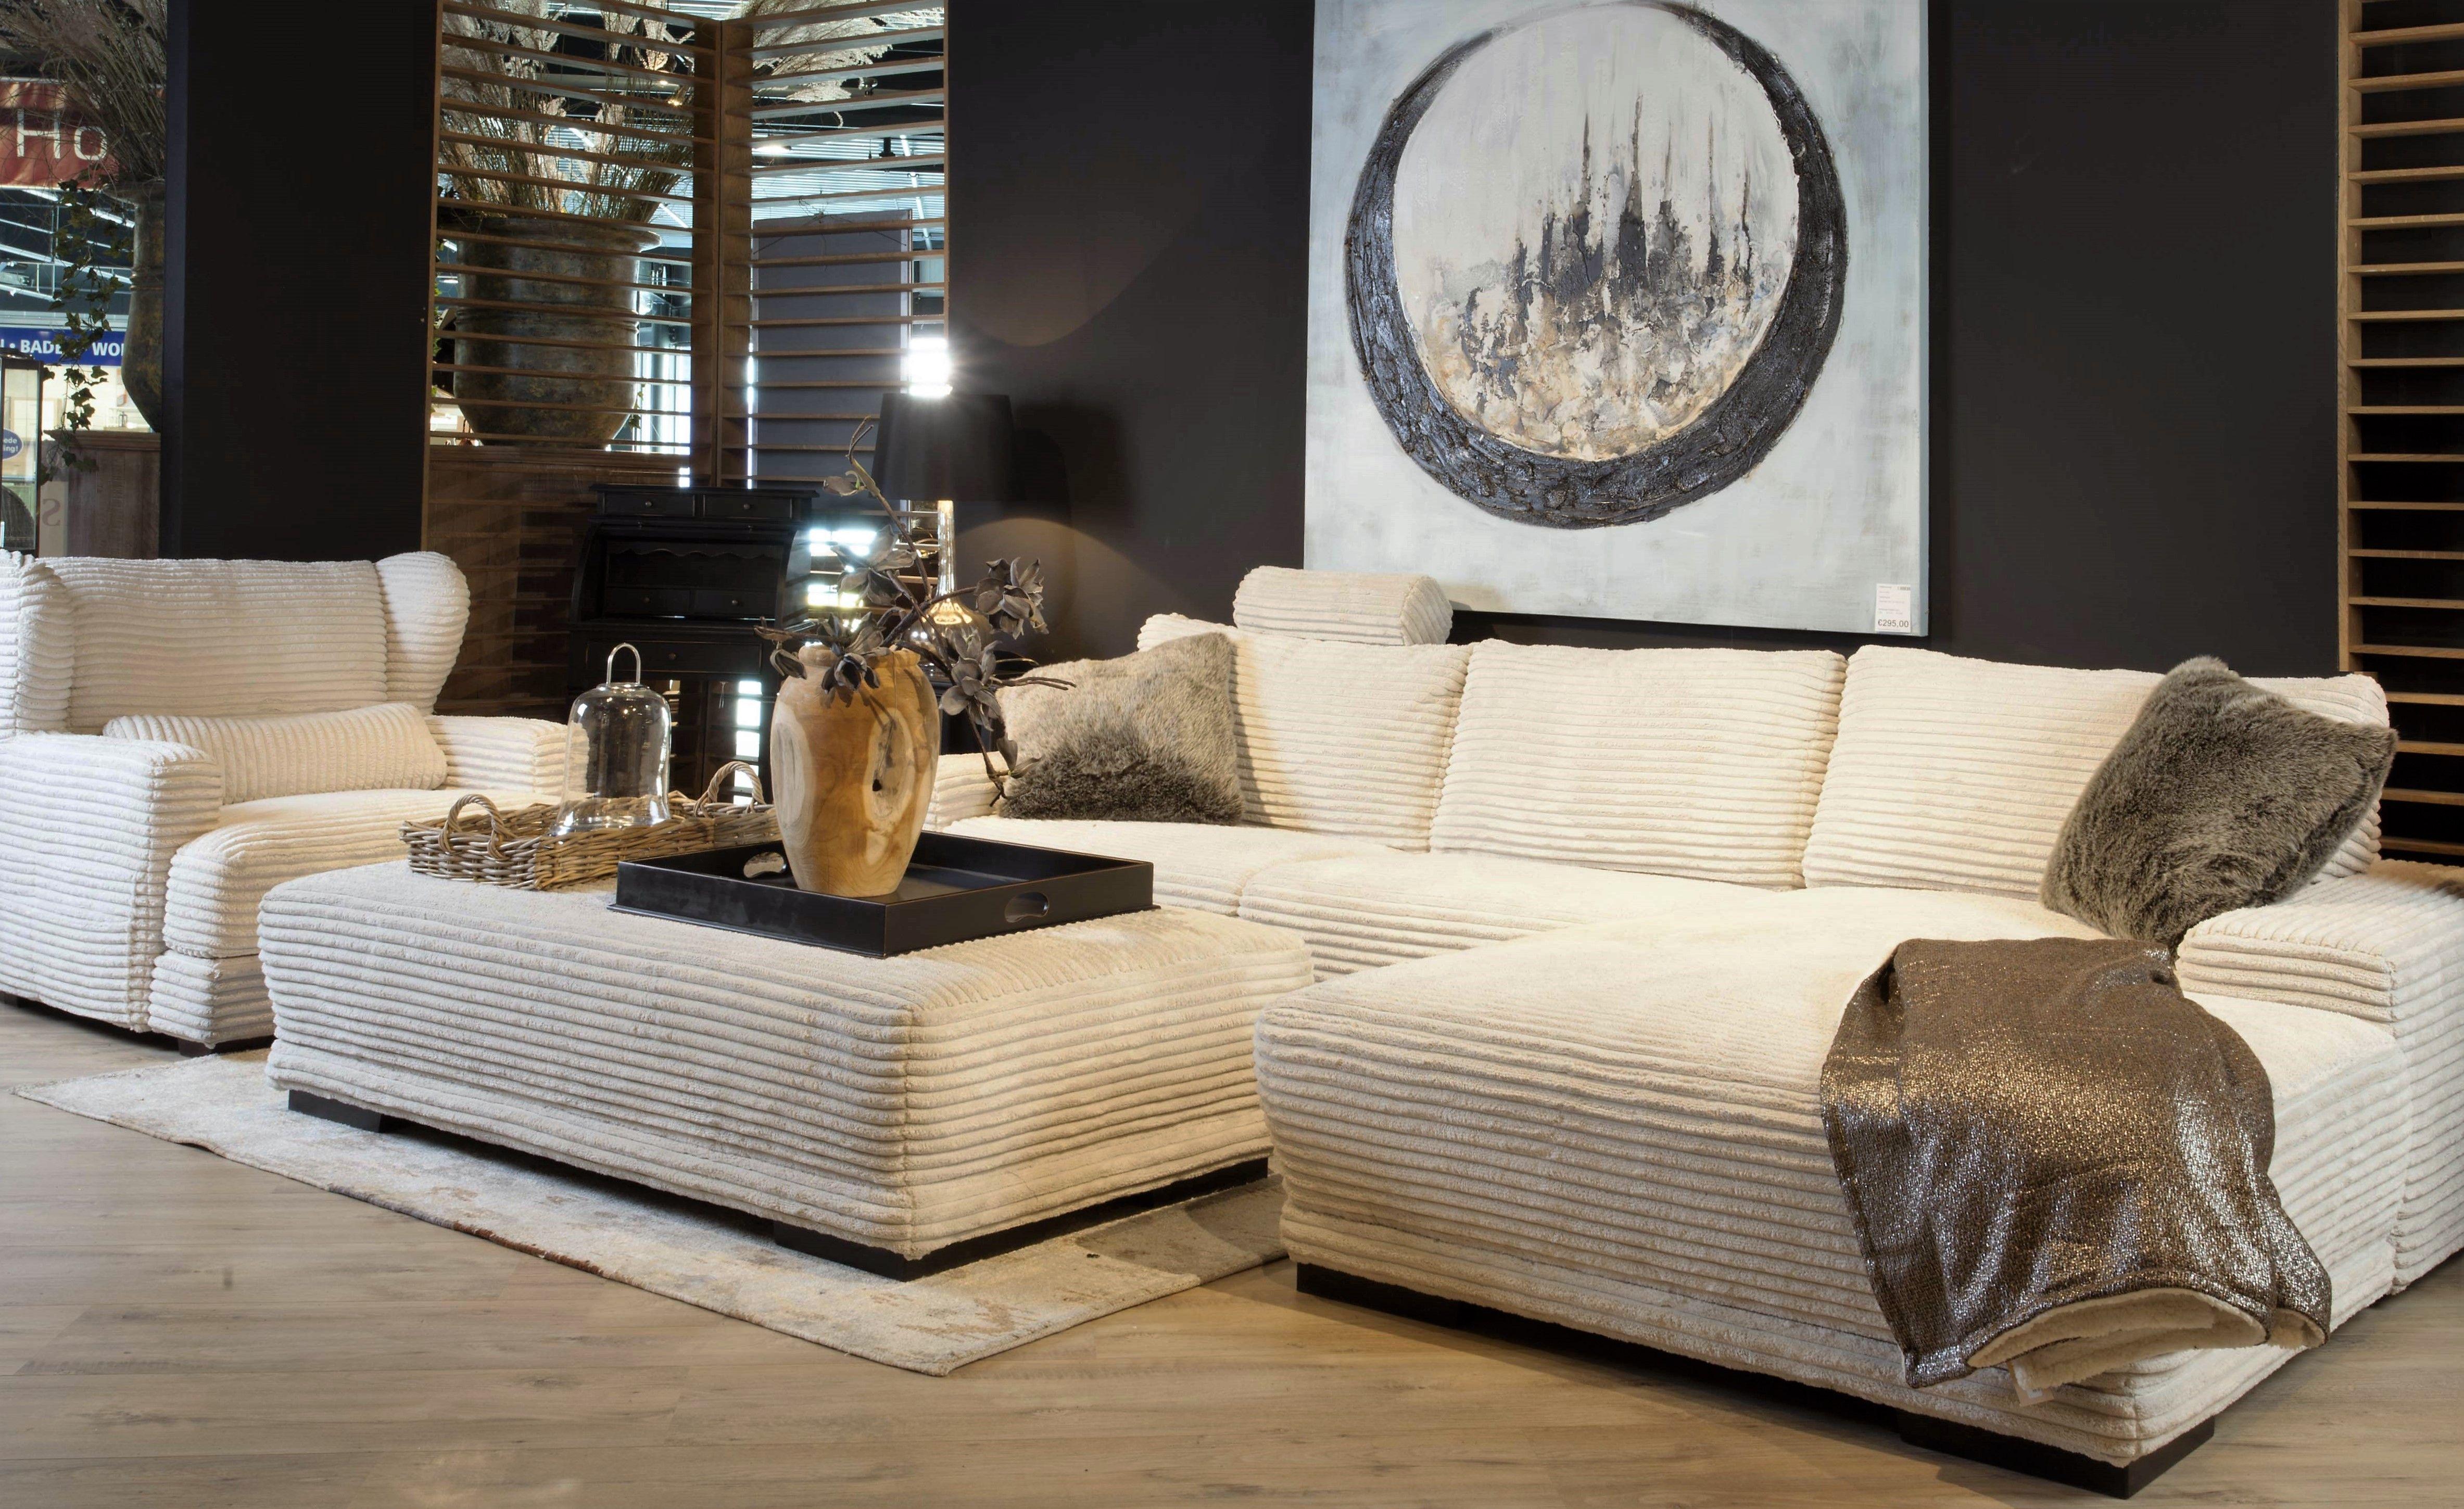 wohnzimmer | rofra home deutschland | inspiration wohnzimmer, Wohnzimmer dekoo